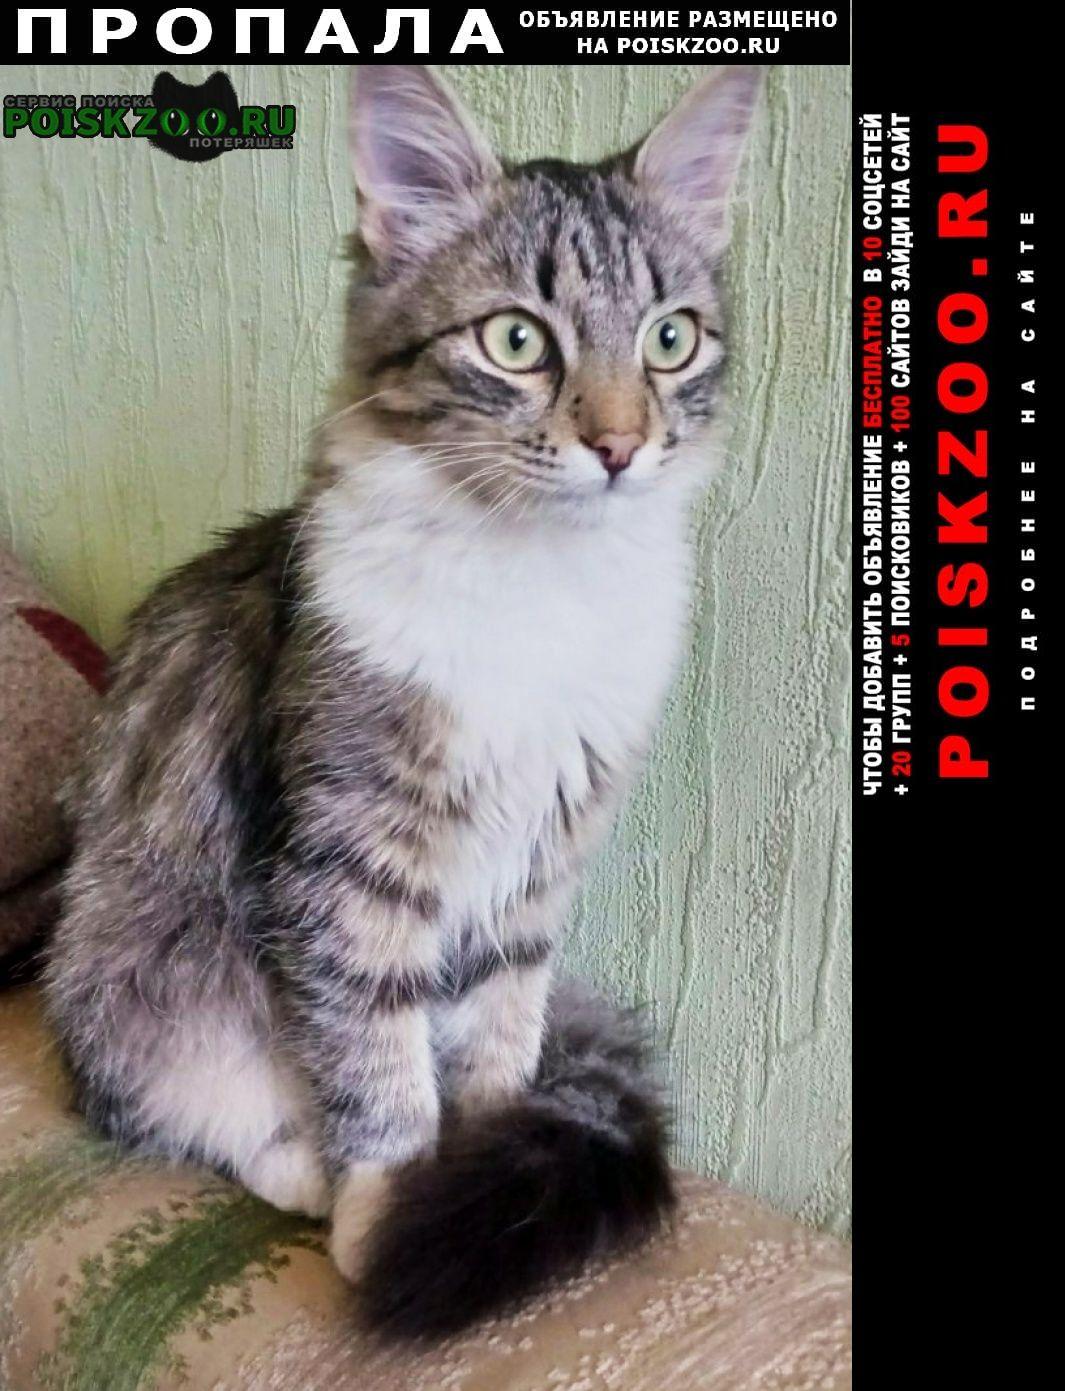 Луганск Пропала кошка